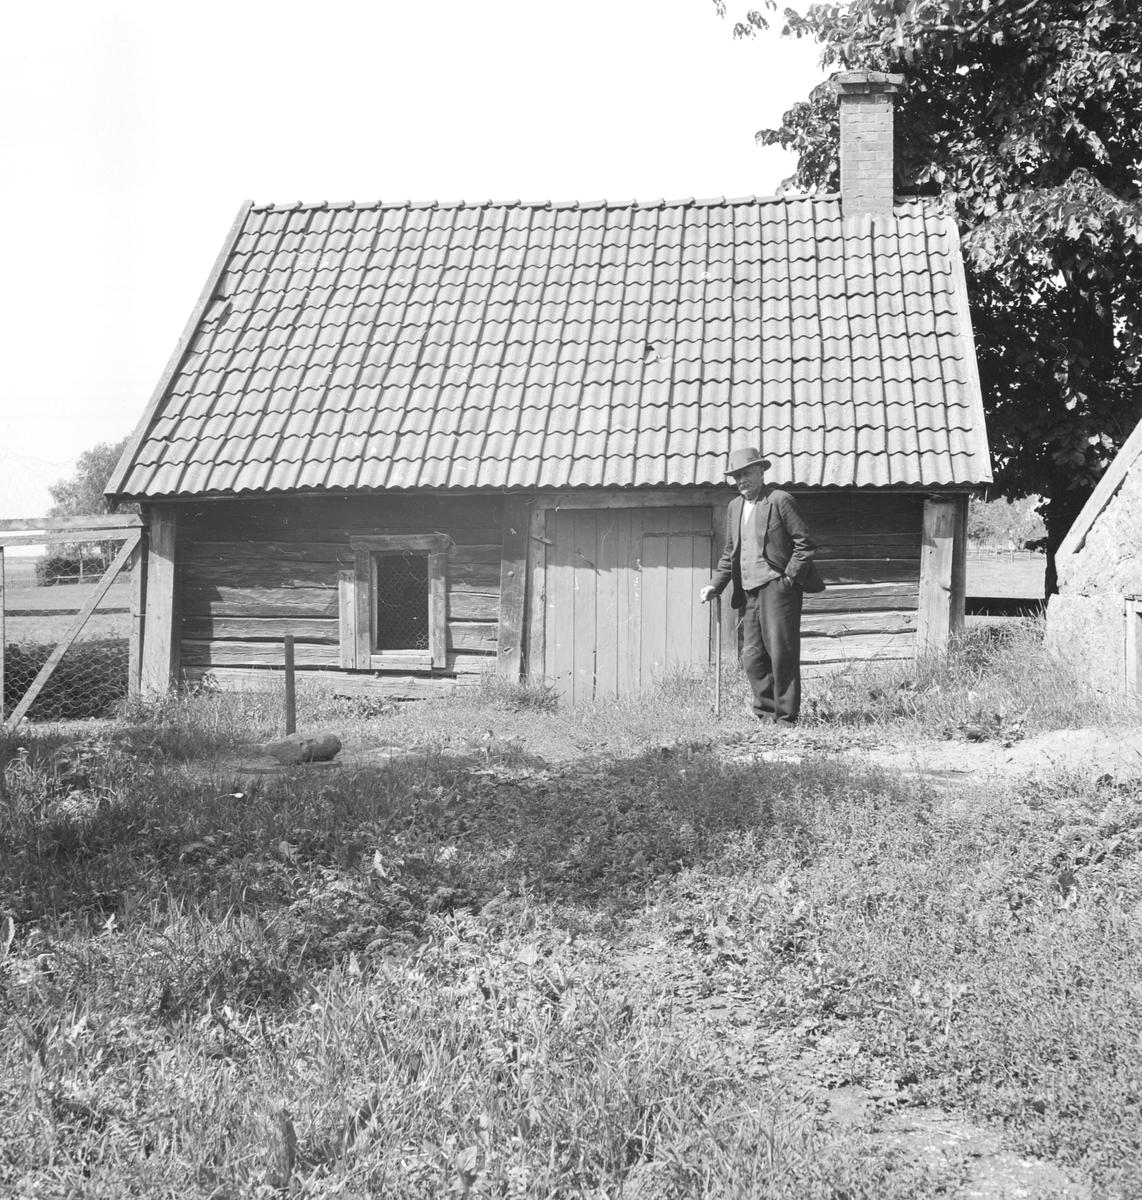 Motiv från Egeby källgård i Västerlösa. Dokumentation av Östergötlands museum 1940. Mannen är gårdens ägare vid tiden, Hjalmar Andersson.